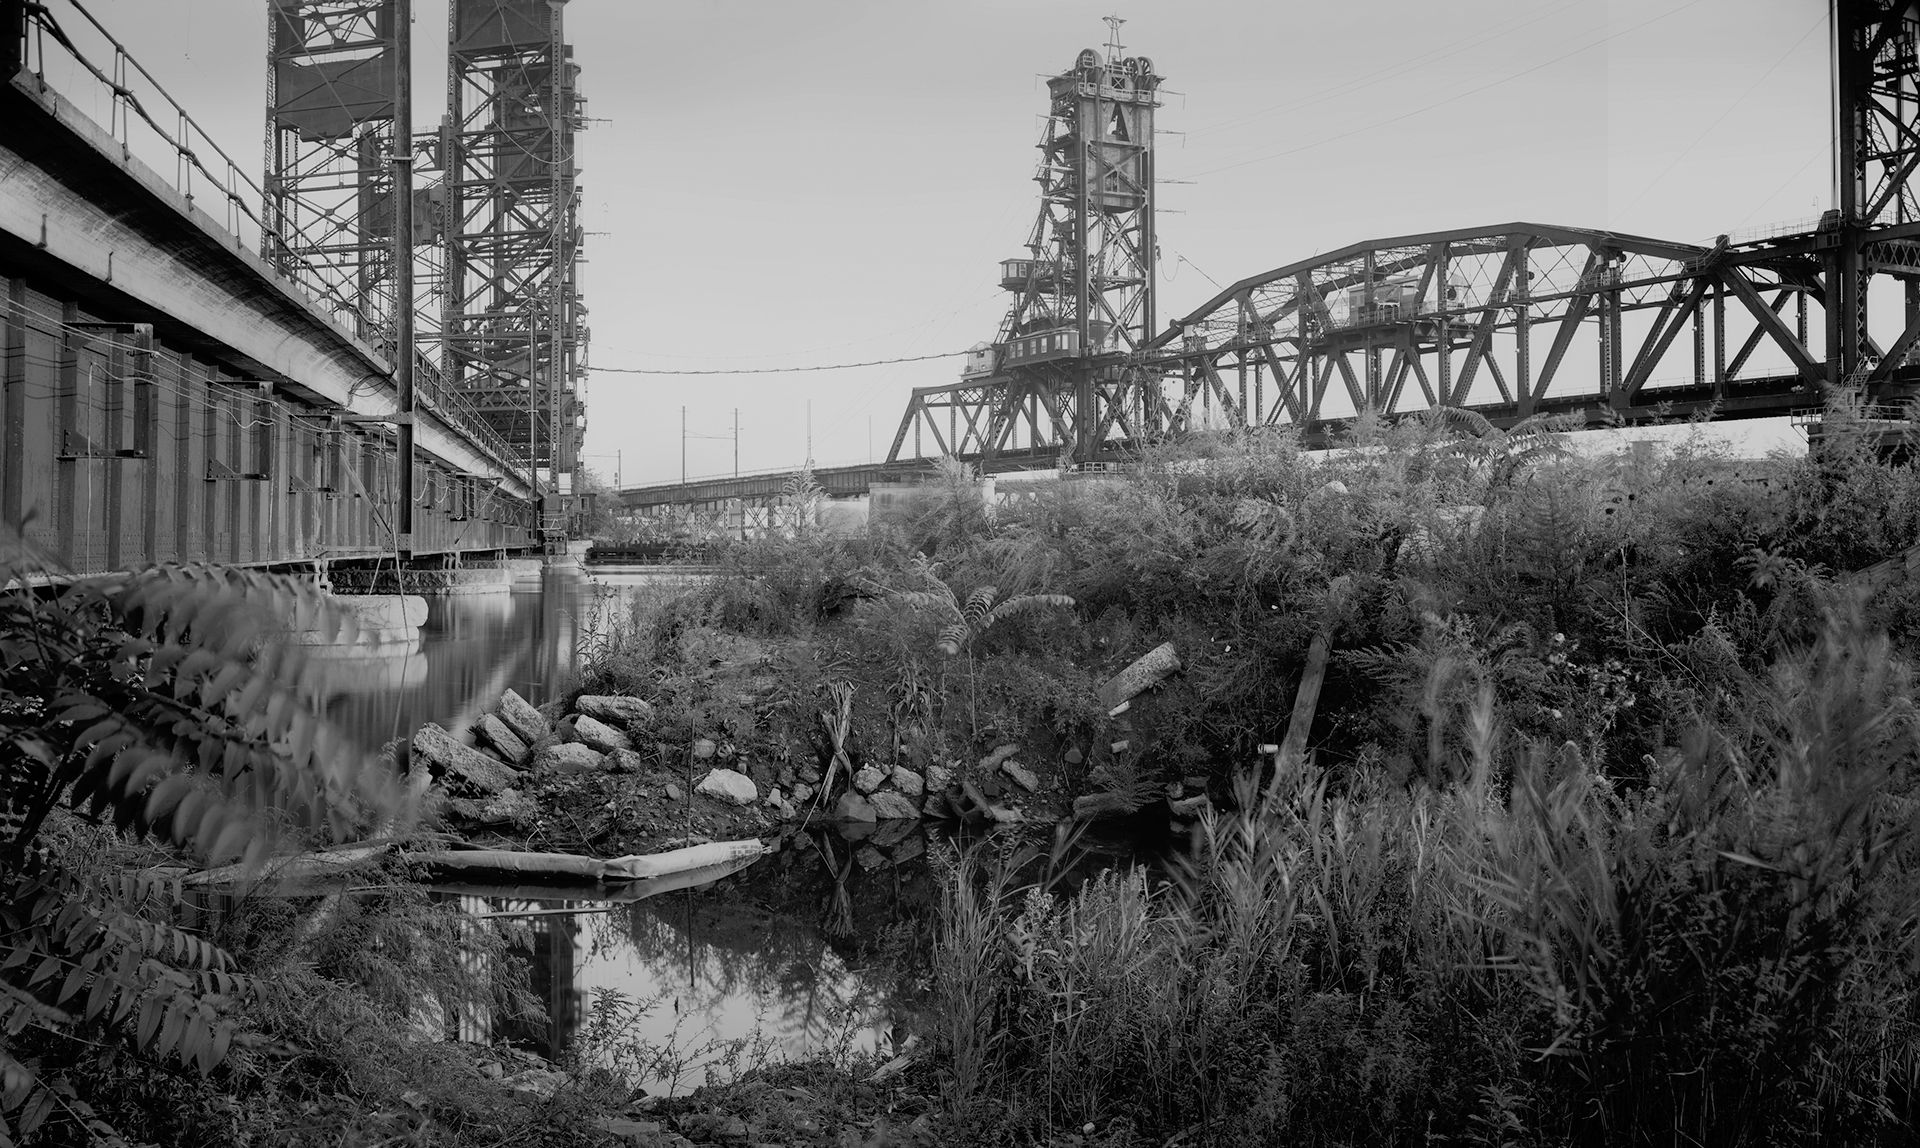 Jersey Bridges with Weeds